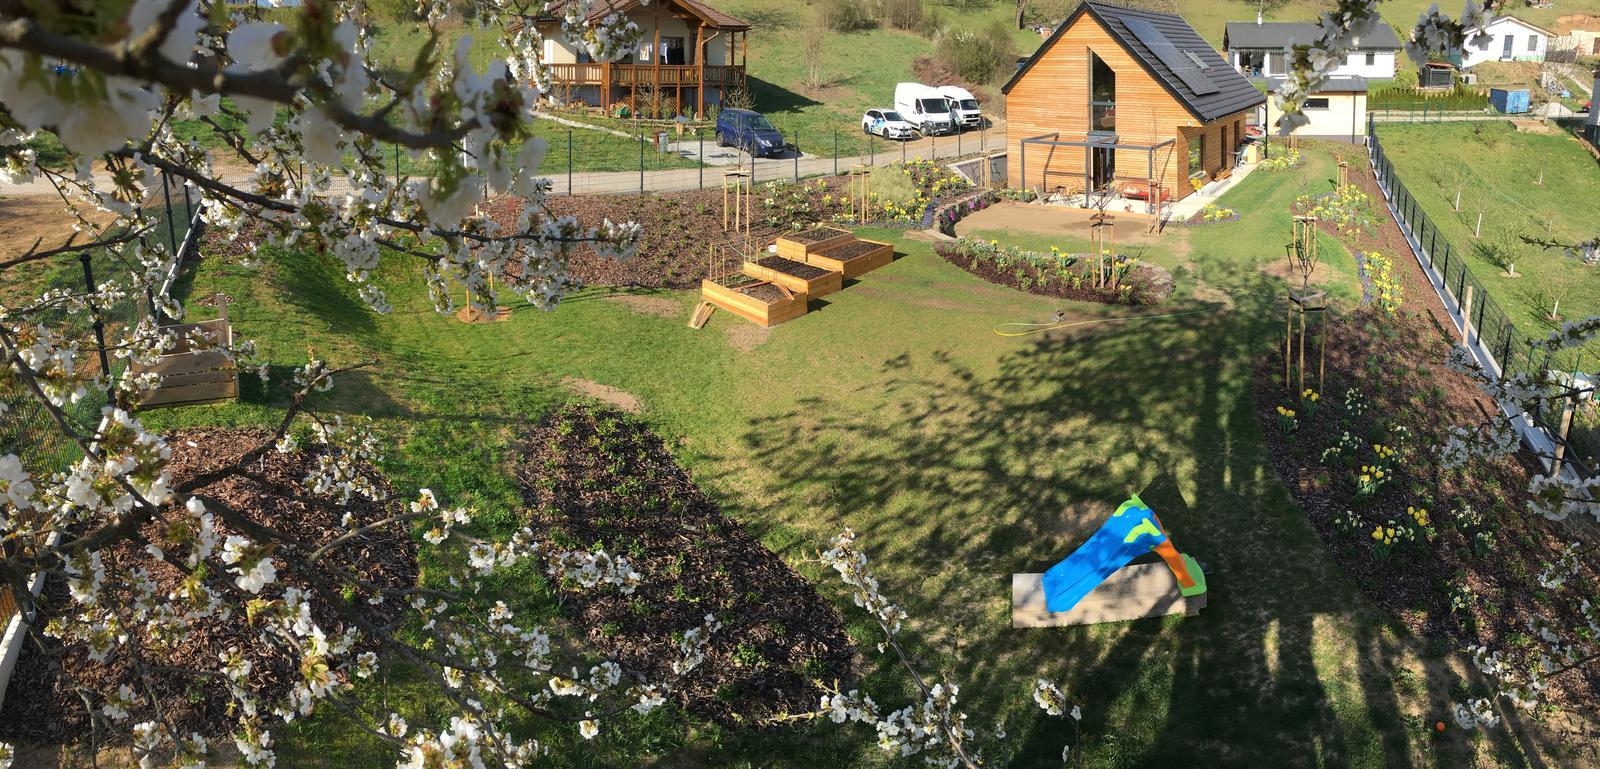 Záhrada v starom sade - Už aj čerešňa kvitne